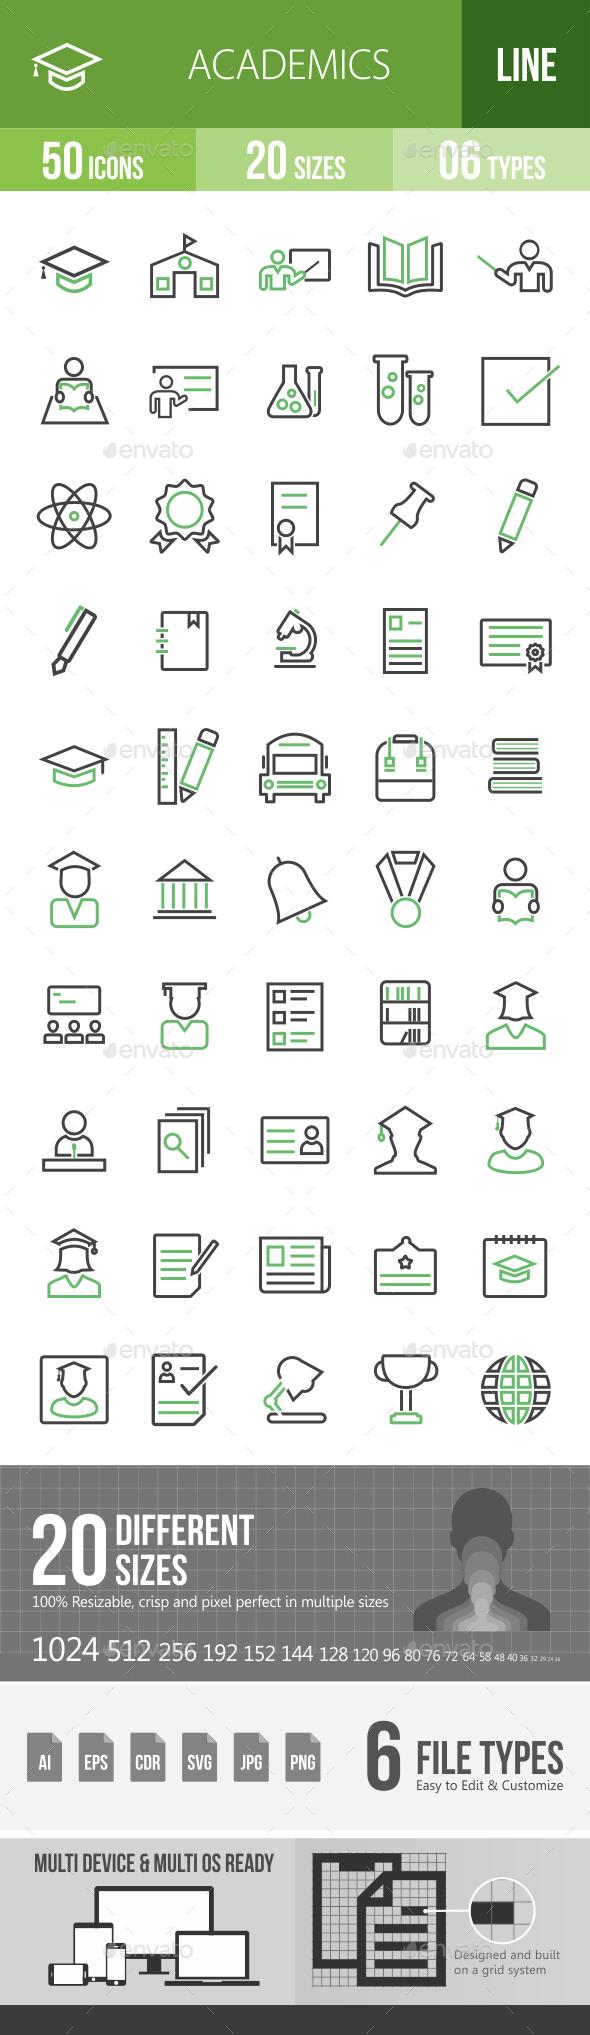 50 Academics Green & Balck Line Icons - Icons